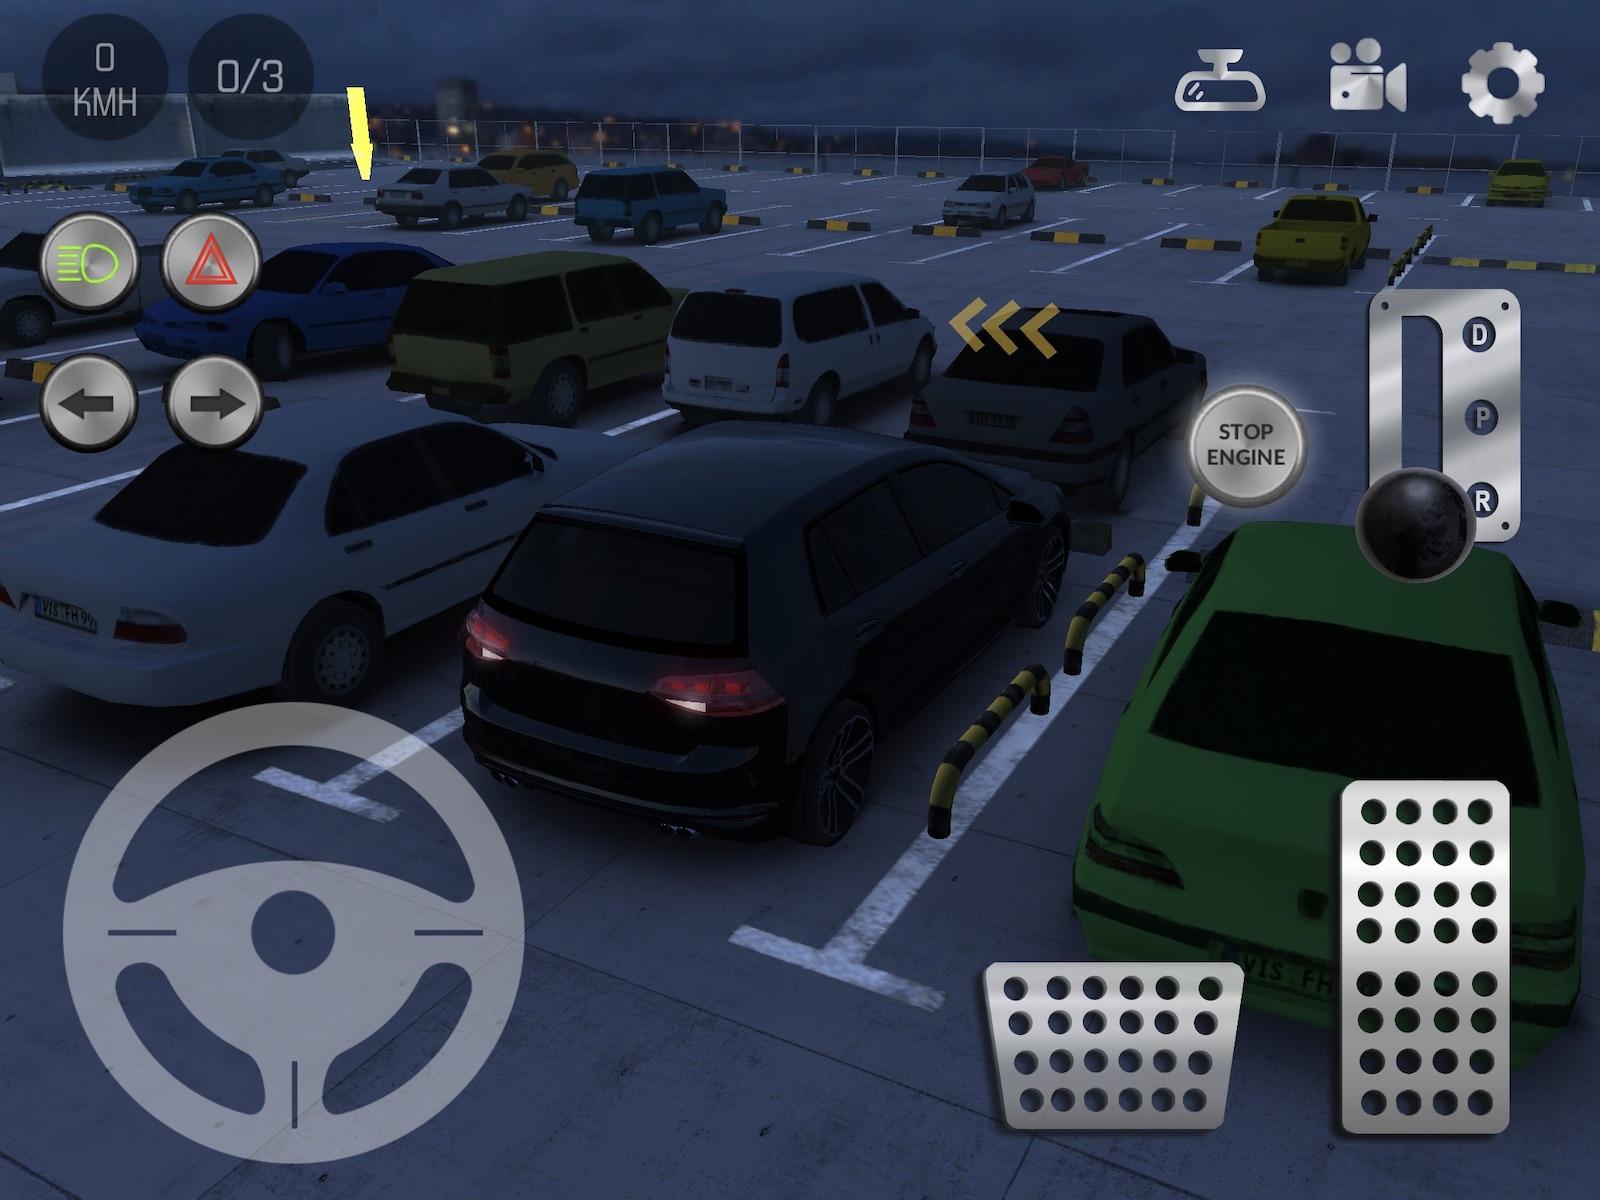 高級車だらけの駐車場にも動じない、鋼のメンタルを  TDおすすめアプリシリーズ vol. 2